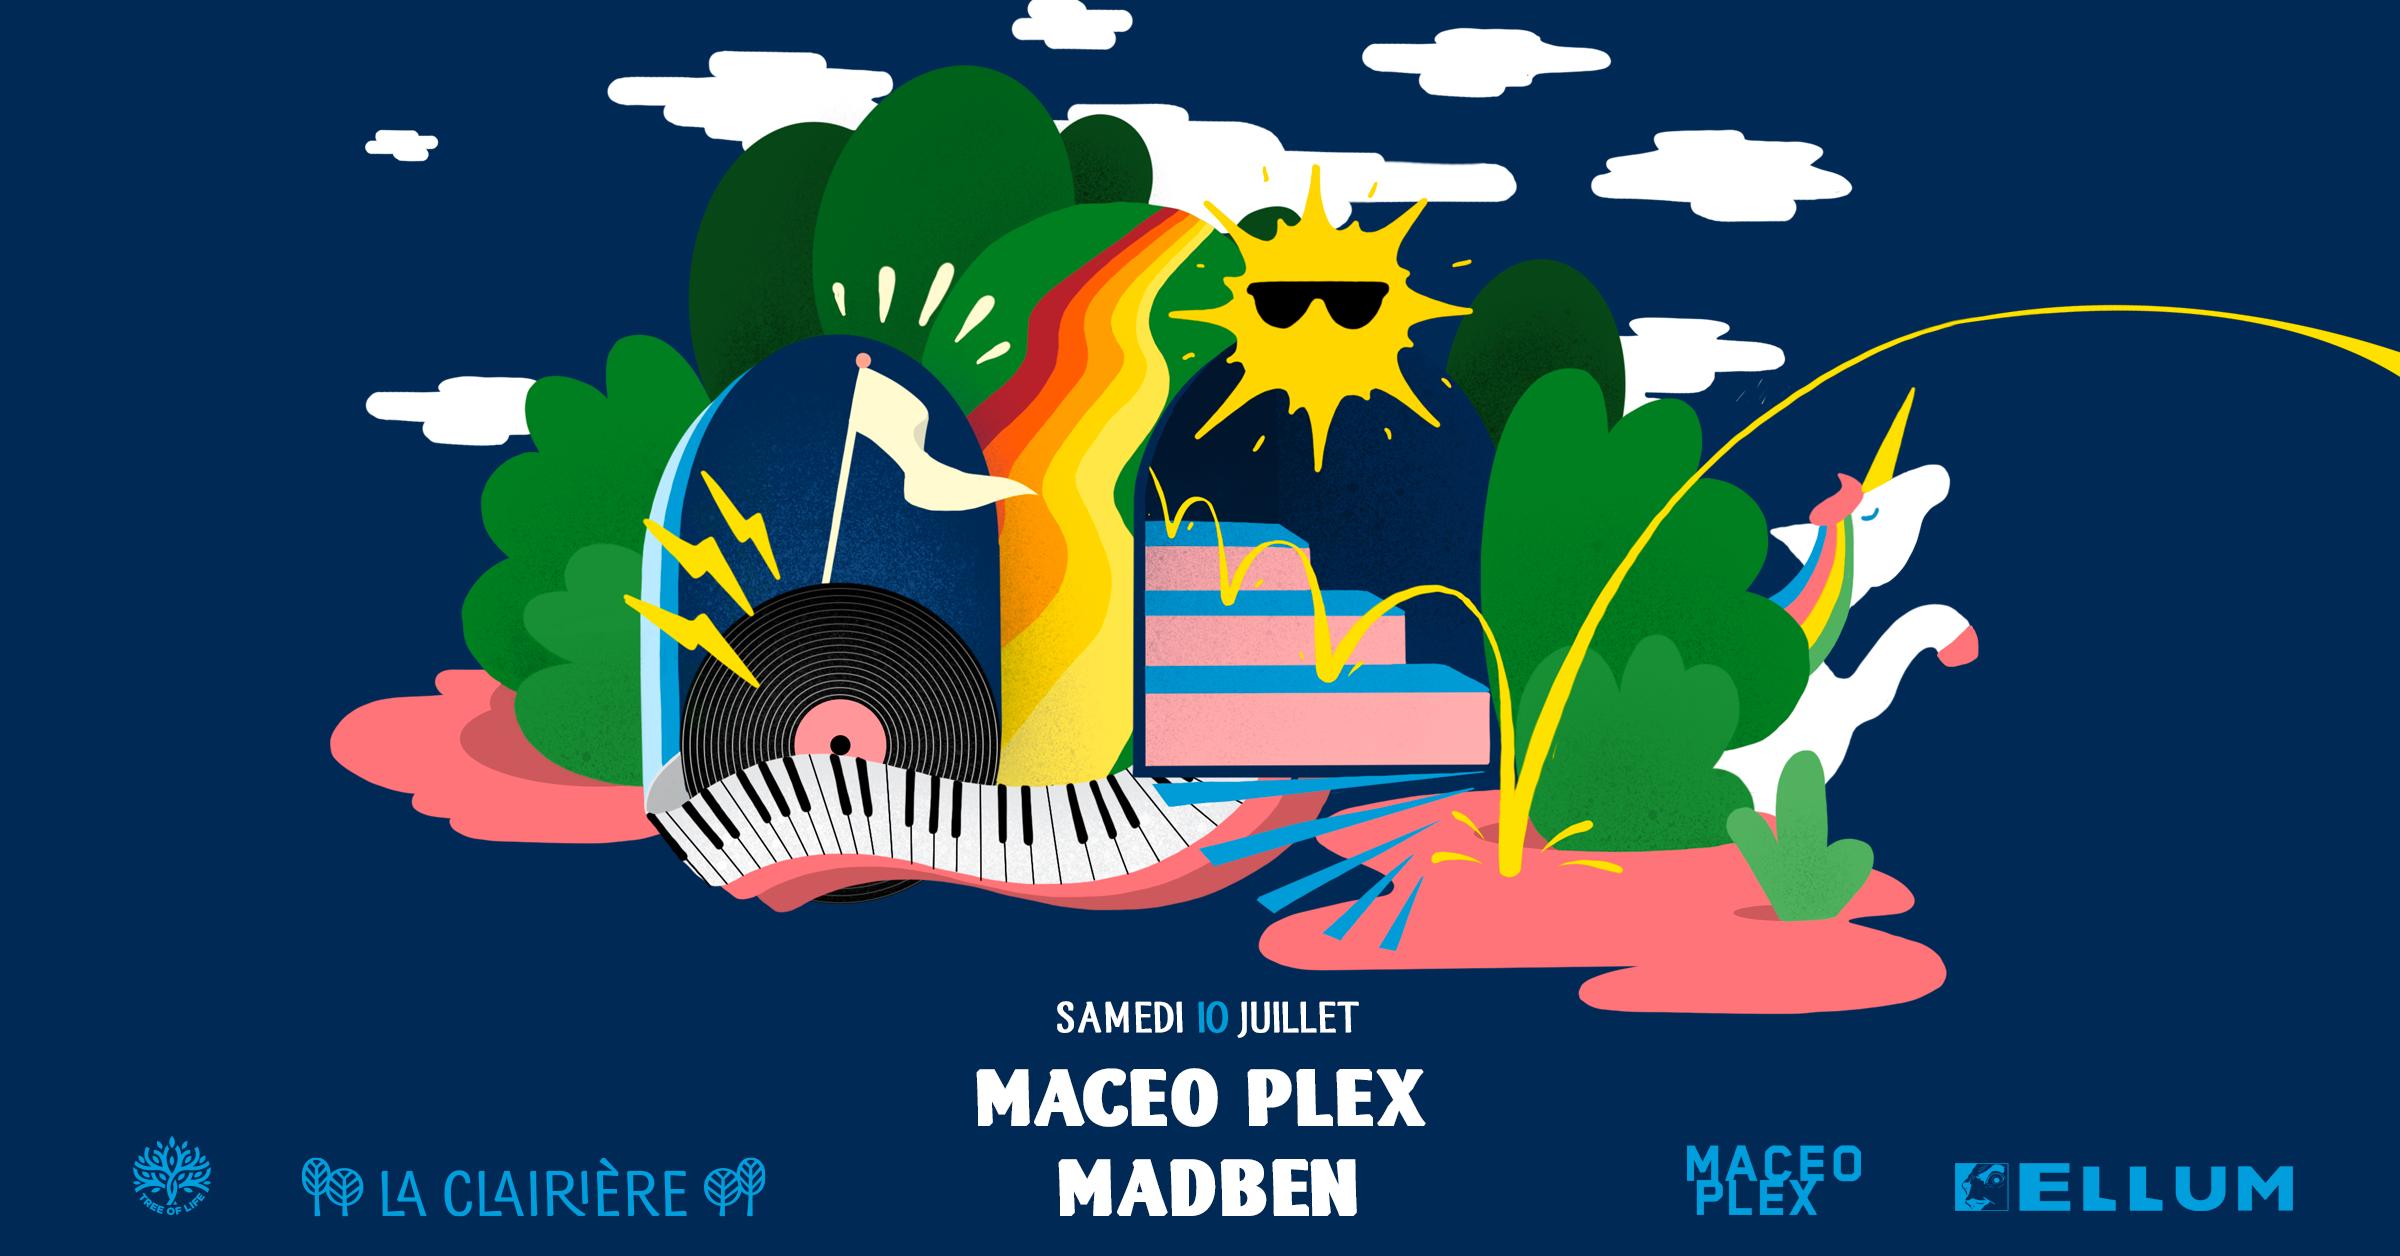 SOLD OUT! La Clairière : Maceo Plex